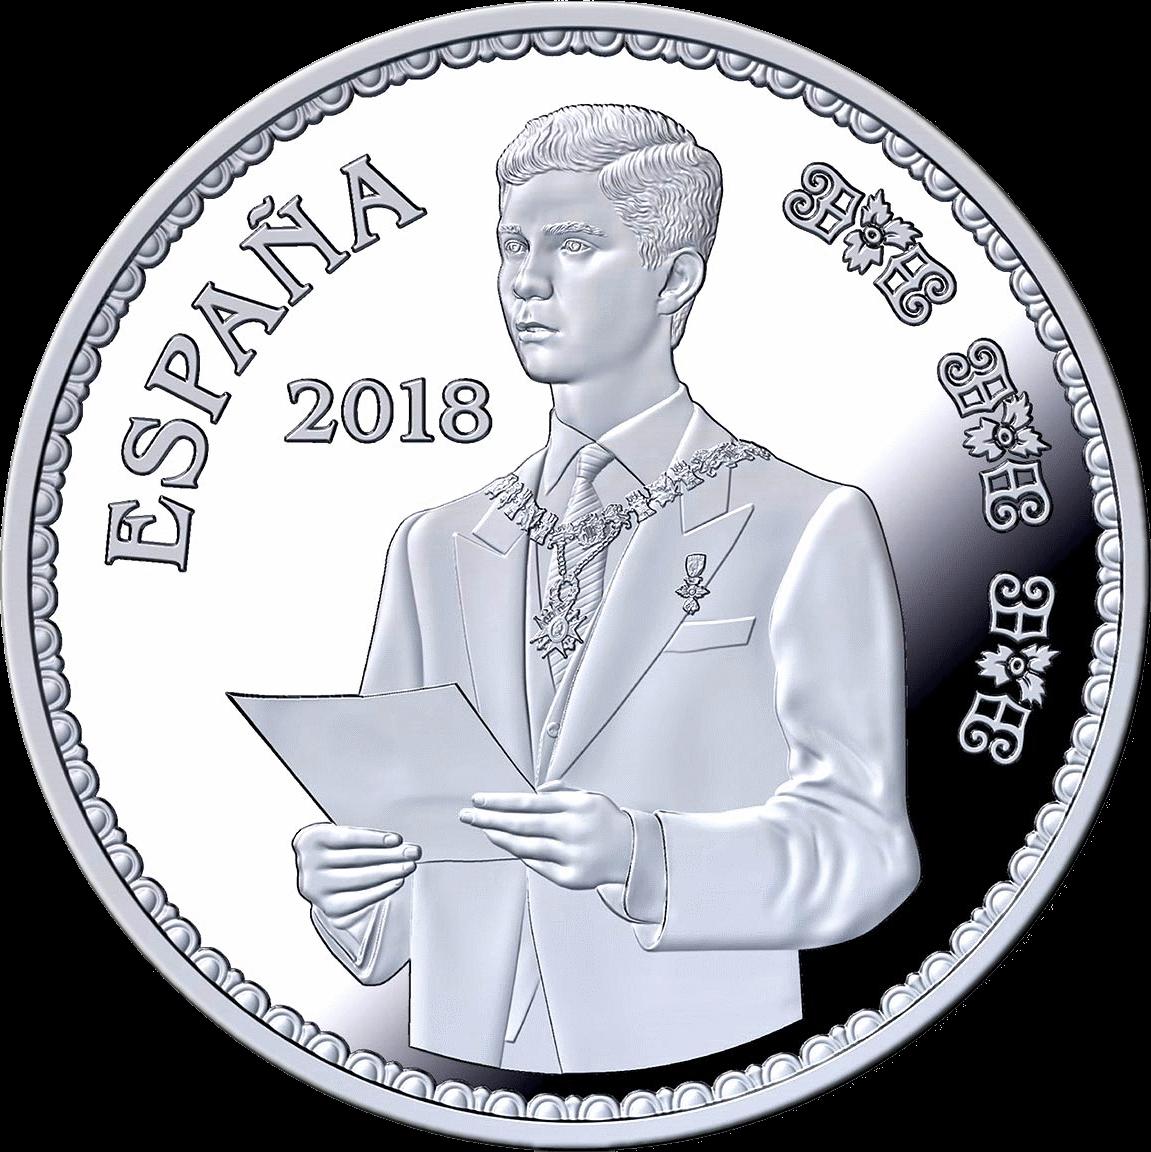 Испания монета 10 евро Клятва принца Филиппа на Конституции 30 января 1986 года, реверс